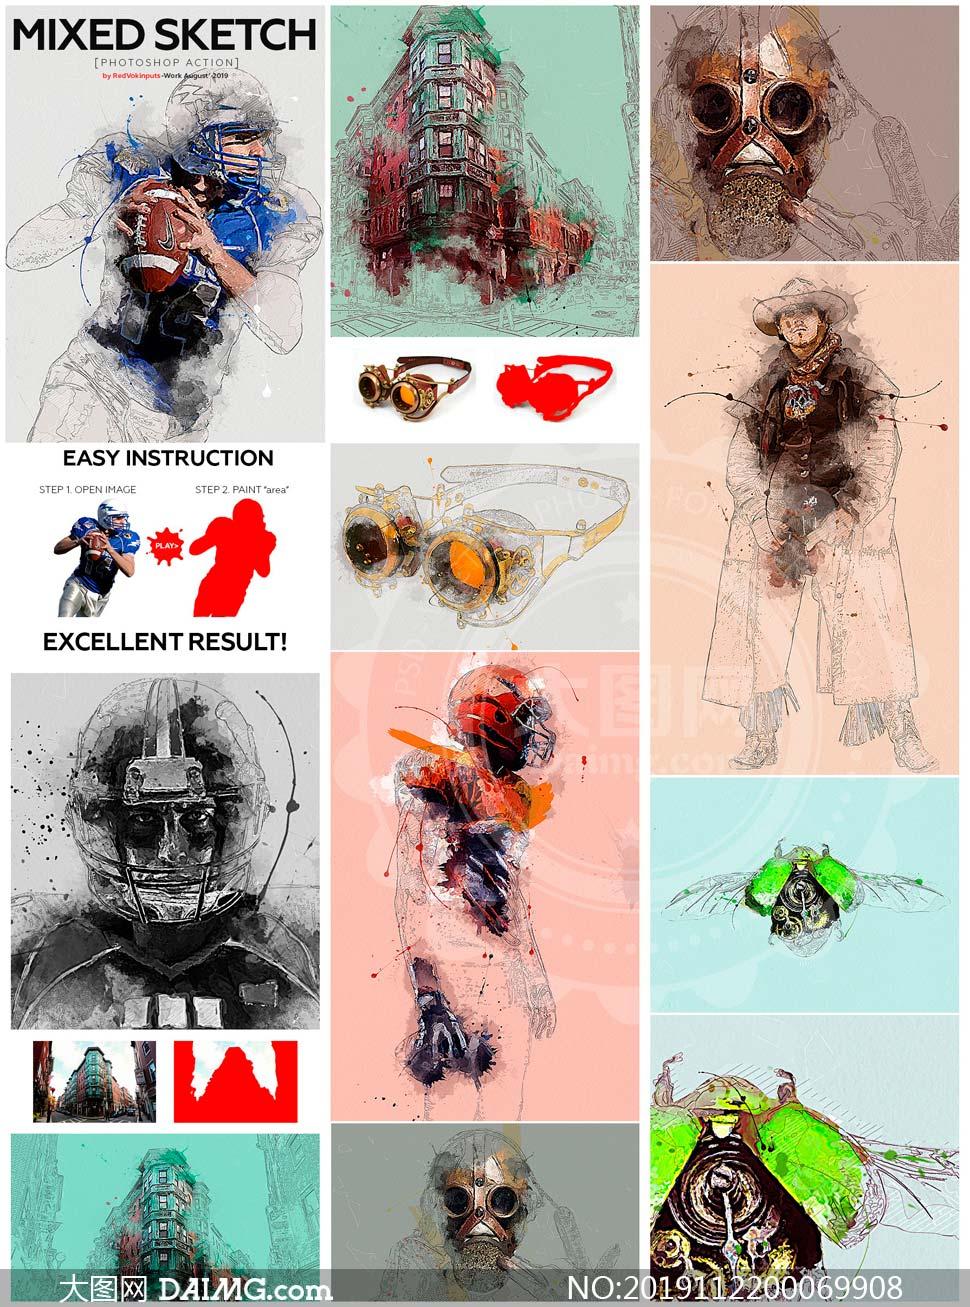 数码照片添加混合素描艺术效果PS动作